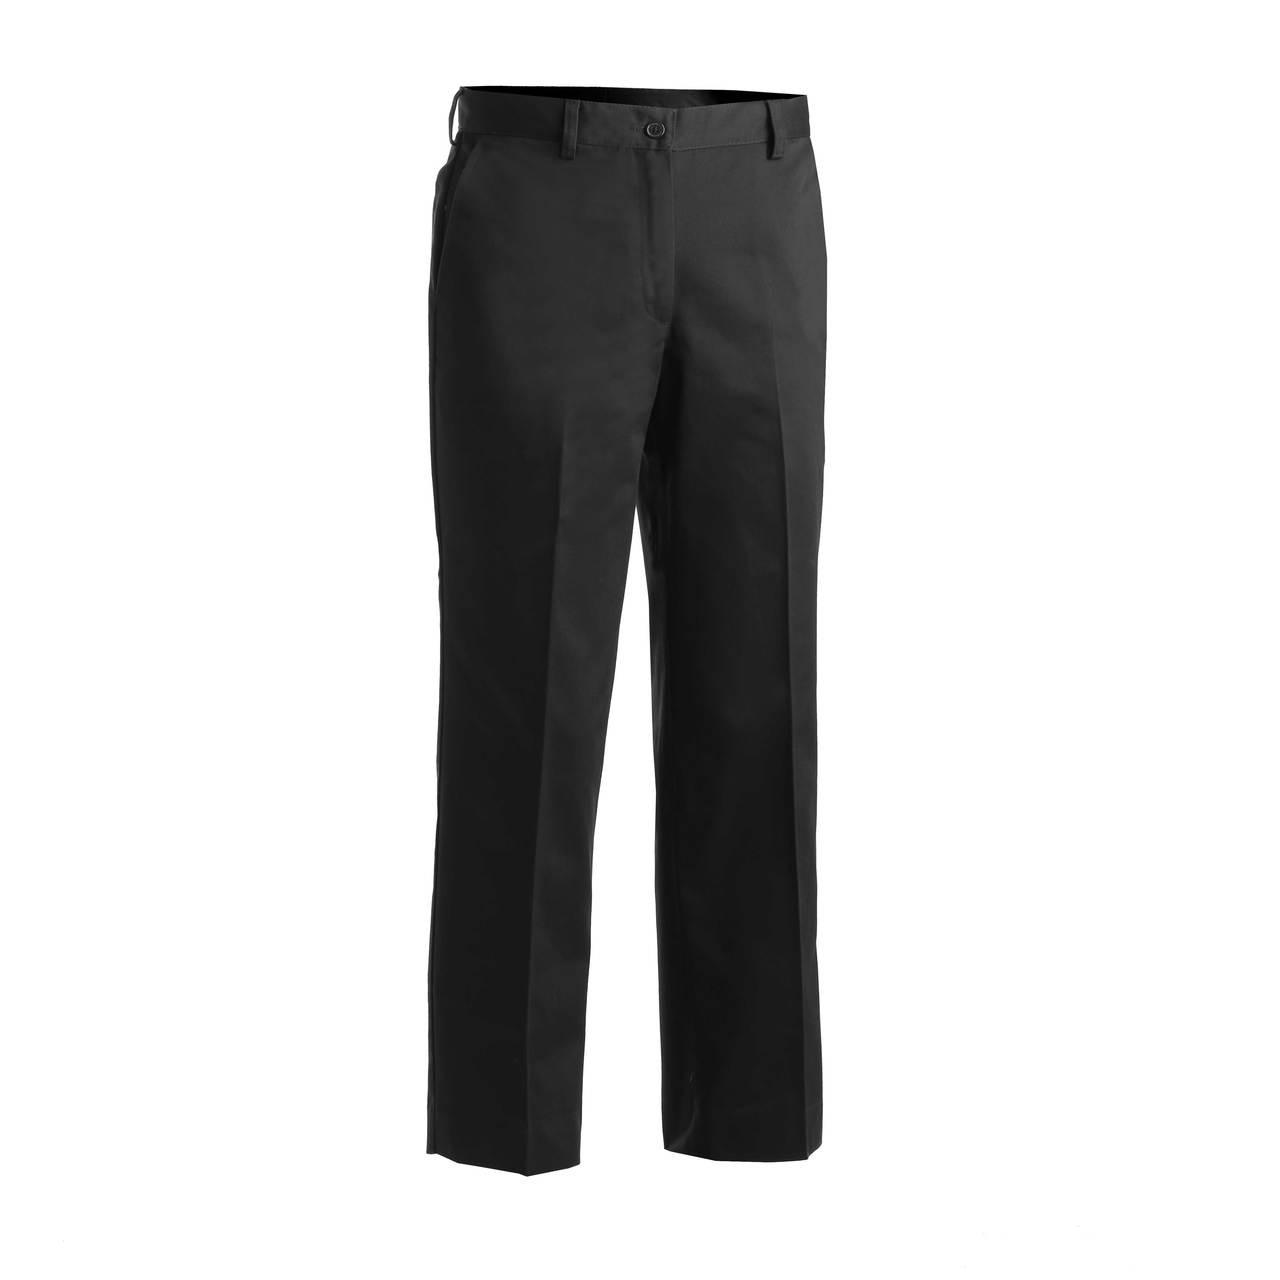 Women's Value Utility Pants